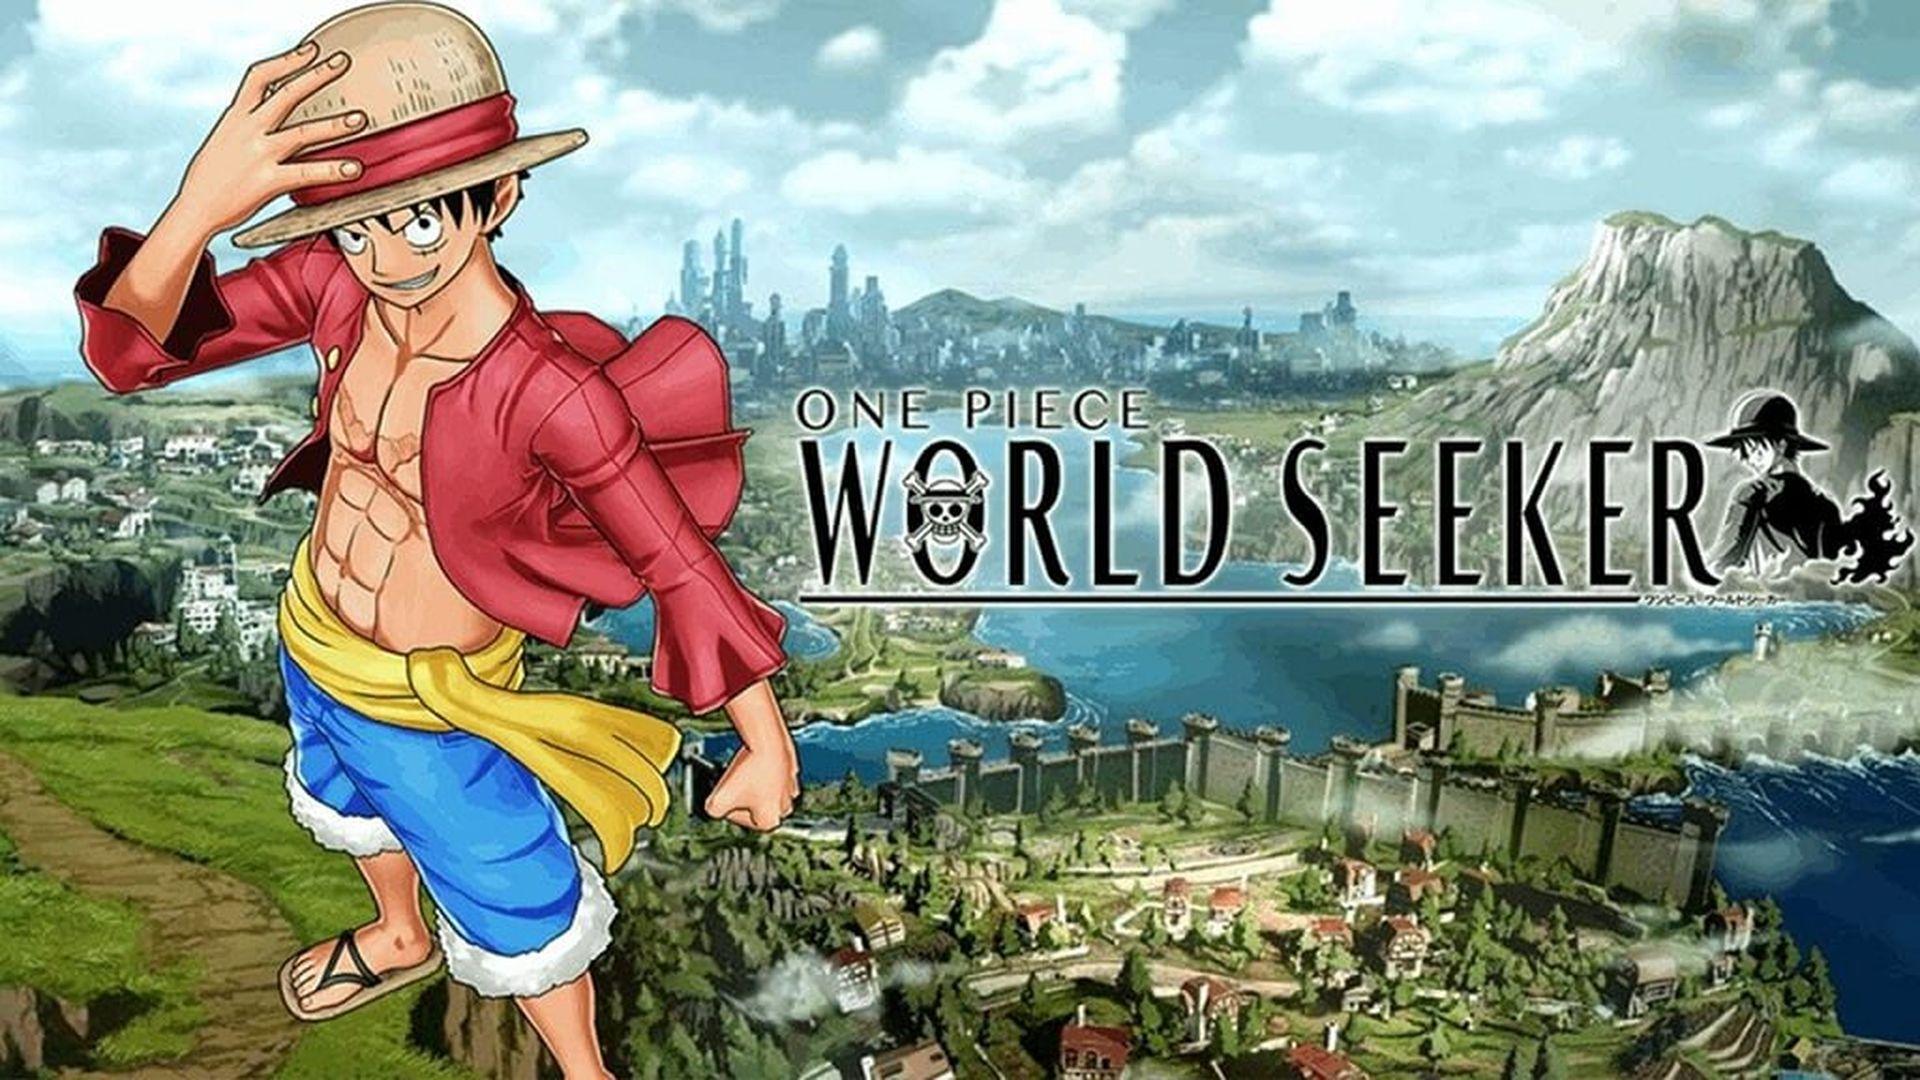 Recensione One Piece World Seeker - Una nuova avventura con Rufy thumbnail